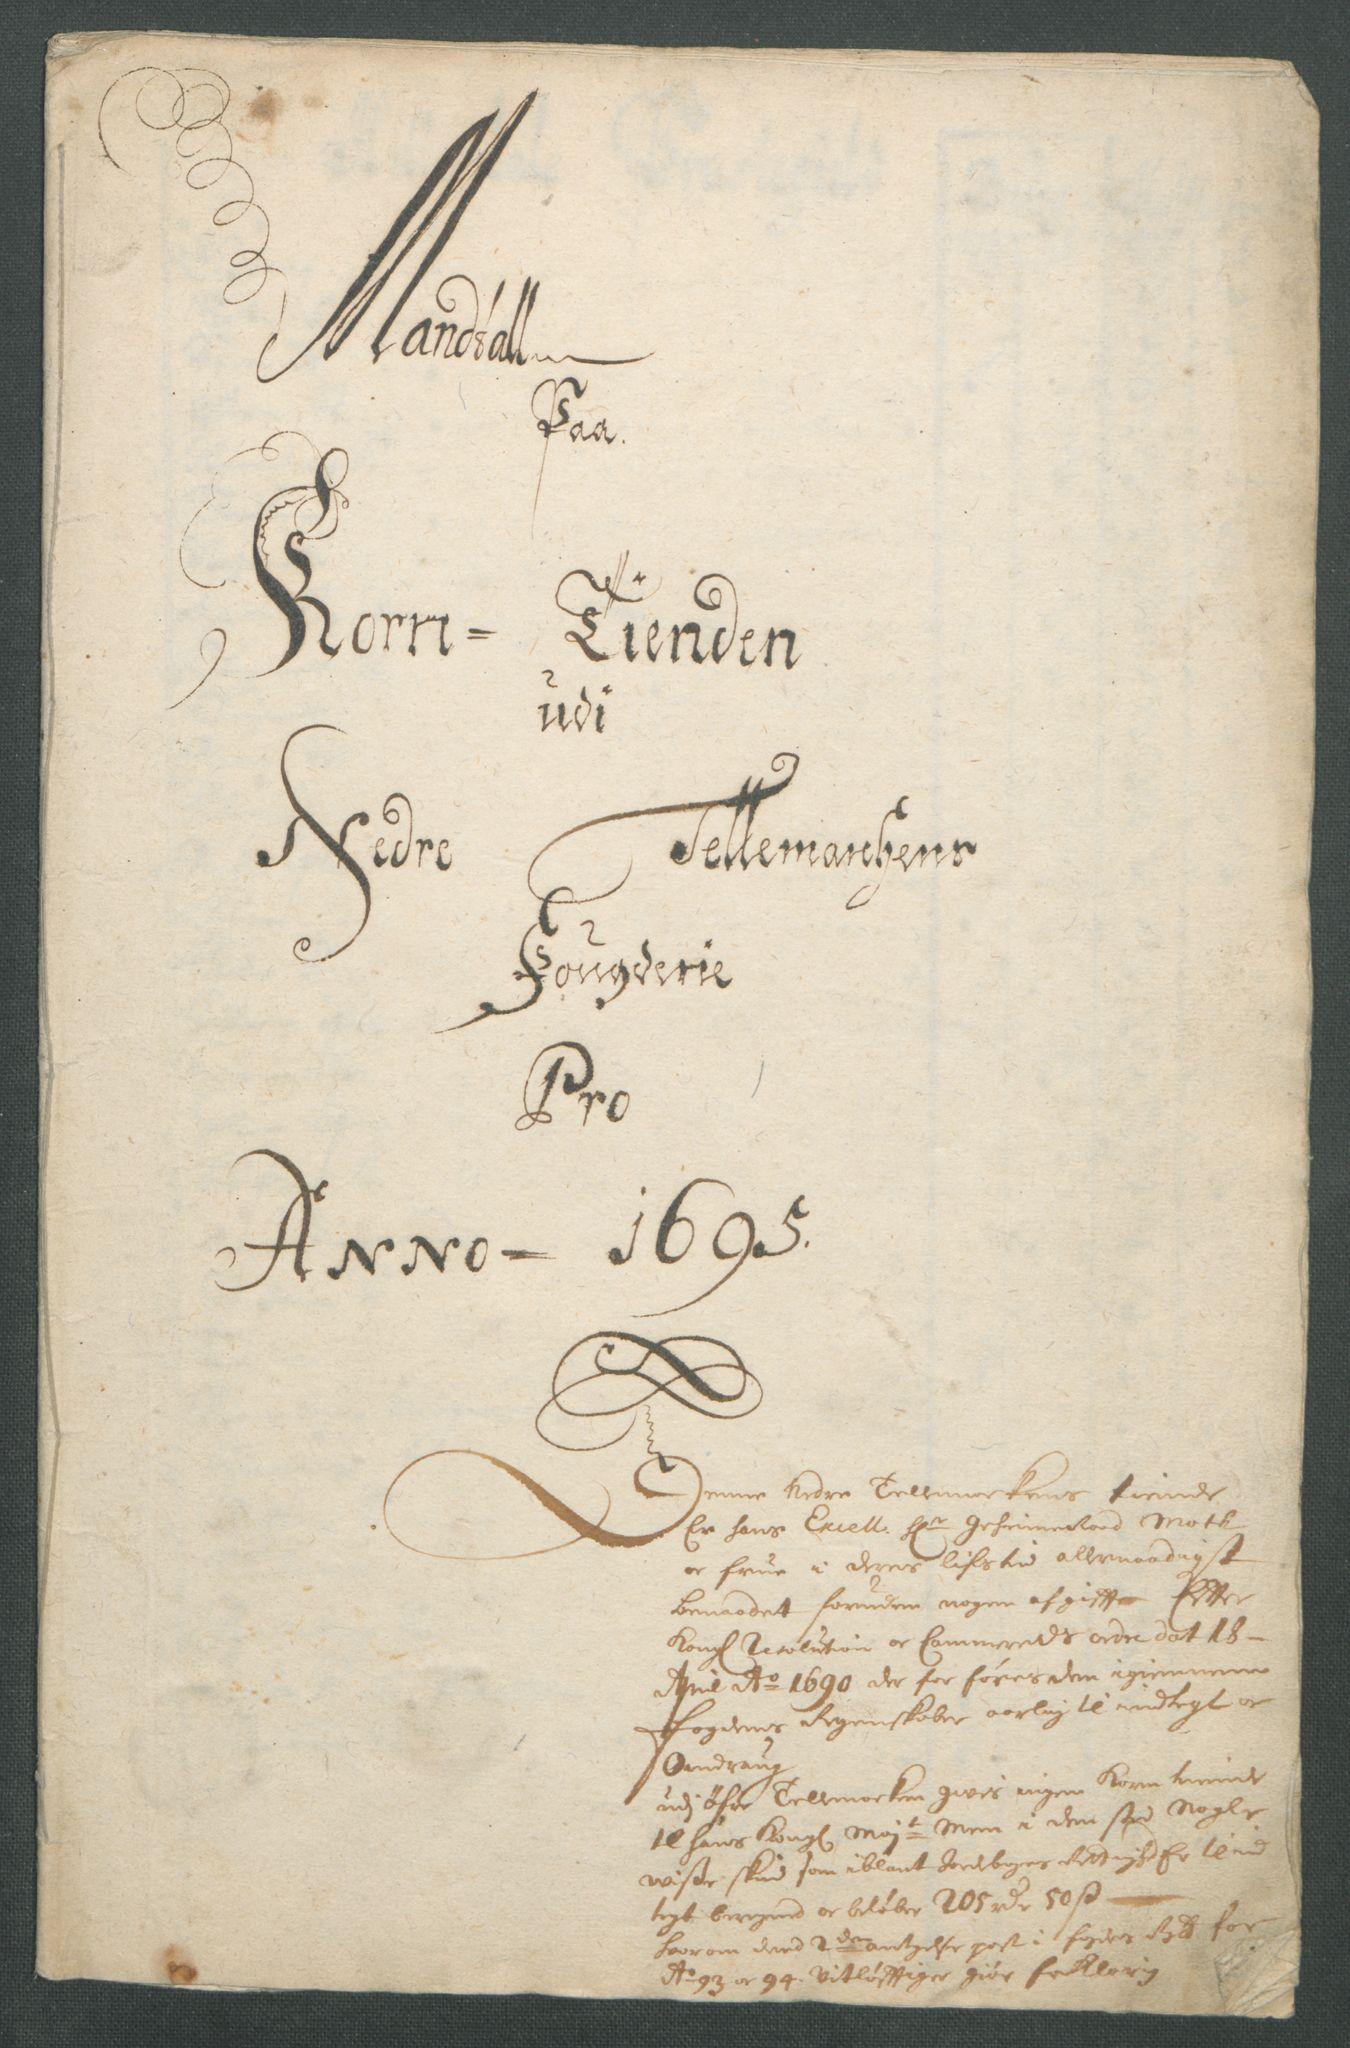 RA, Rentekammeret inntil 1814, Reviderte regnskaper, Fogderegnskap, R36/L2093: Fogderegnskap Øvre og Nedre Telemark og Bamble, 1695, s. 39